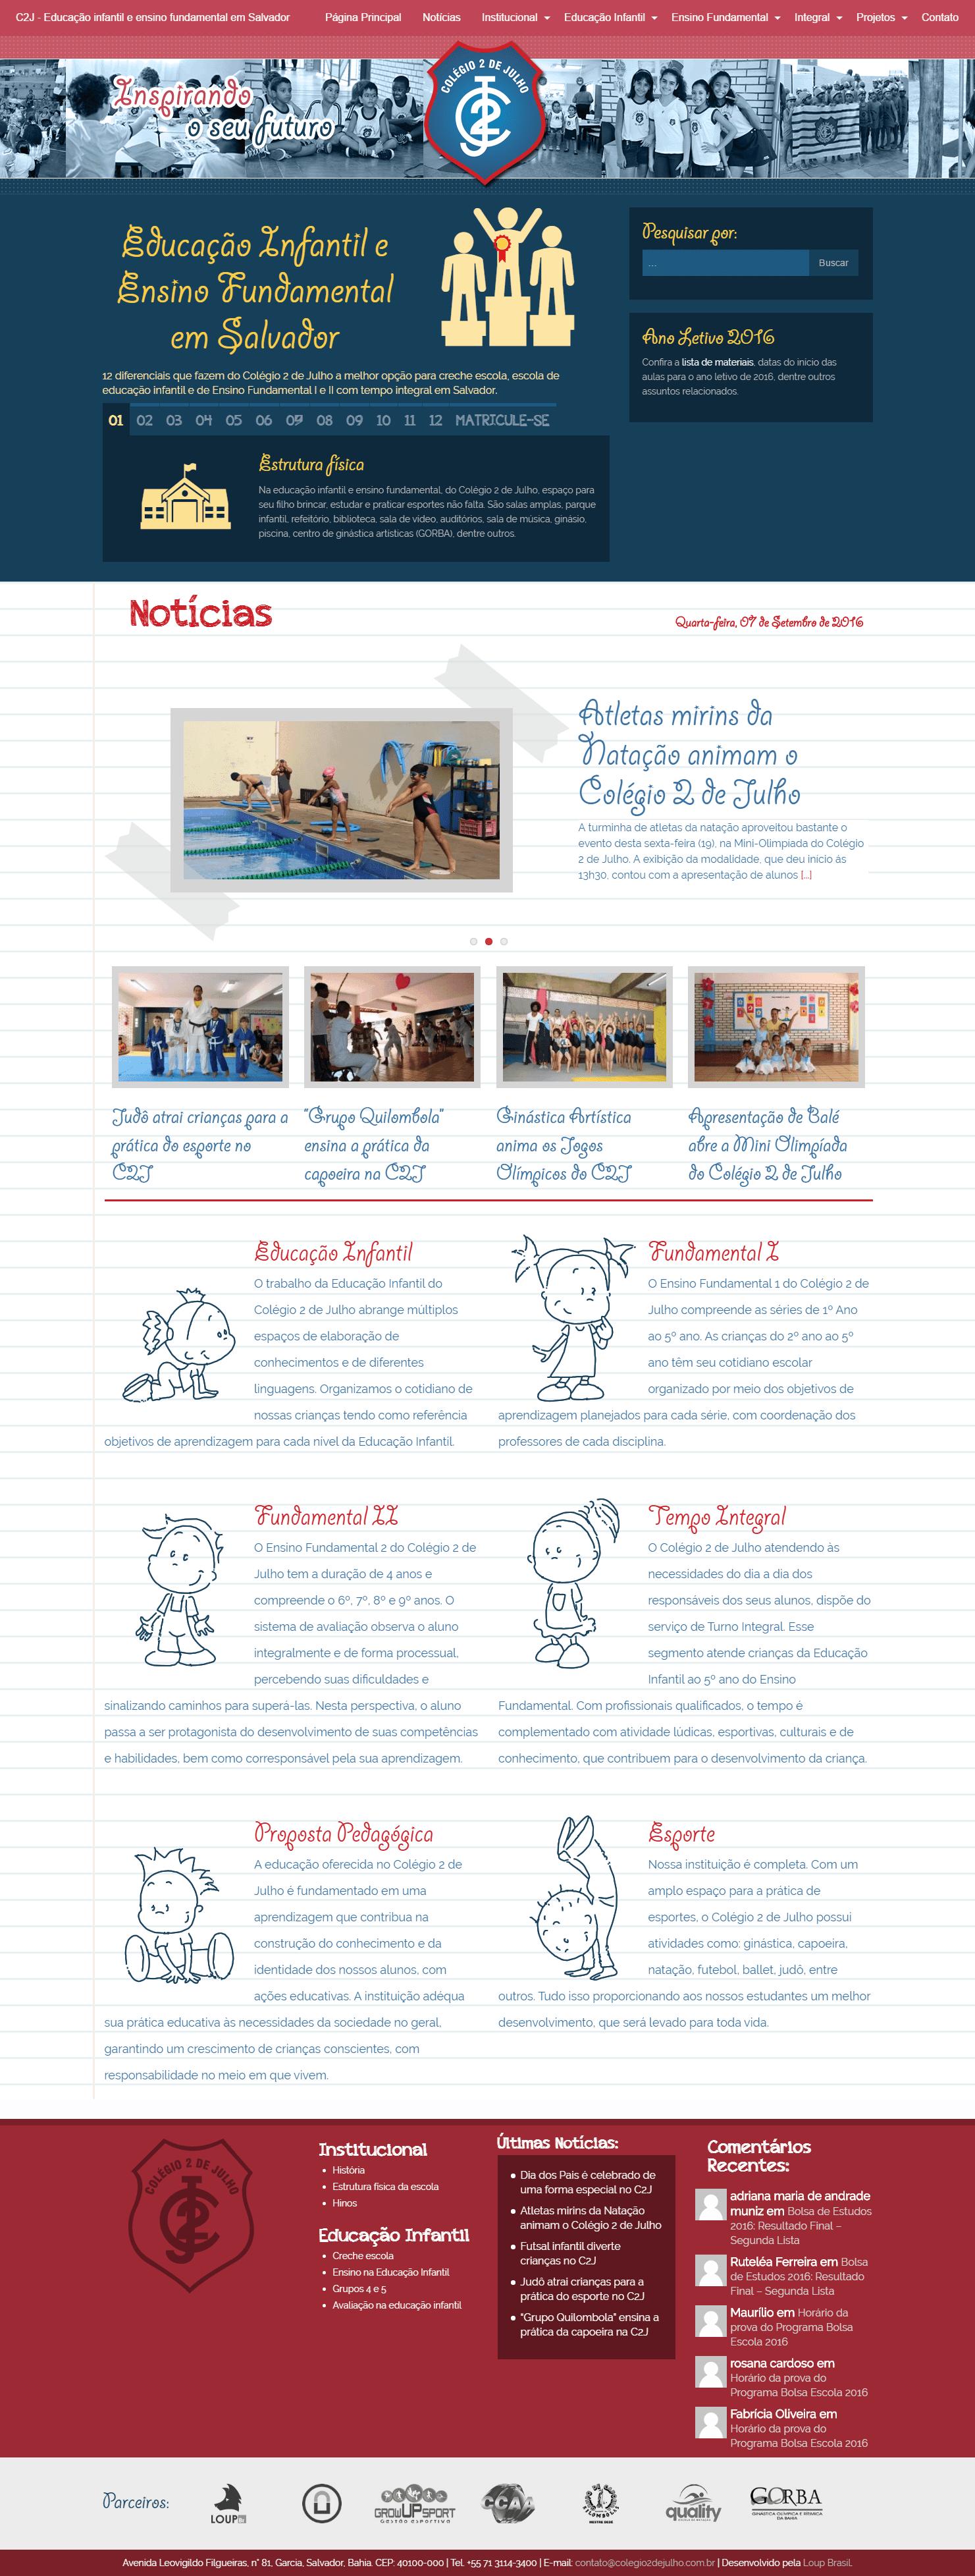 Página Principal do site do Colégio 2 de Julho